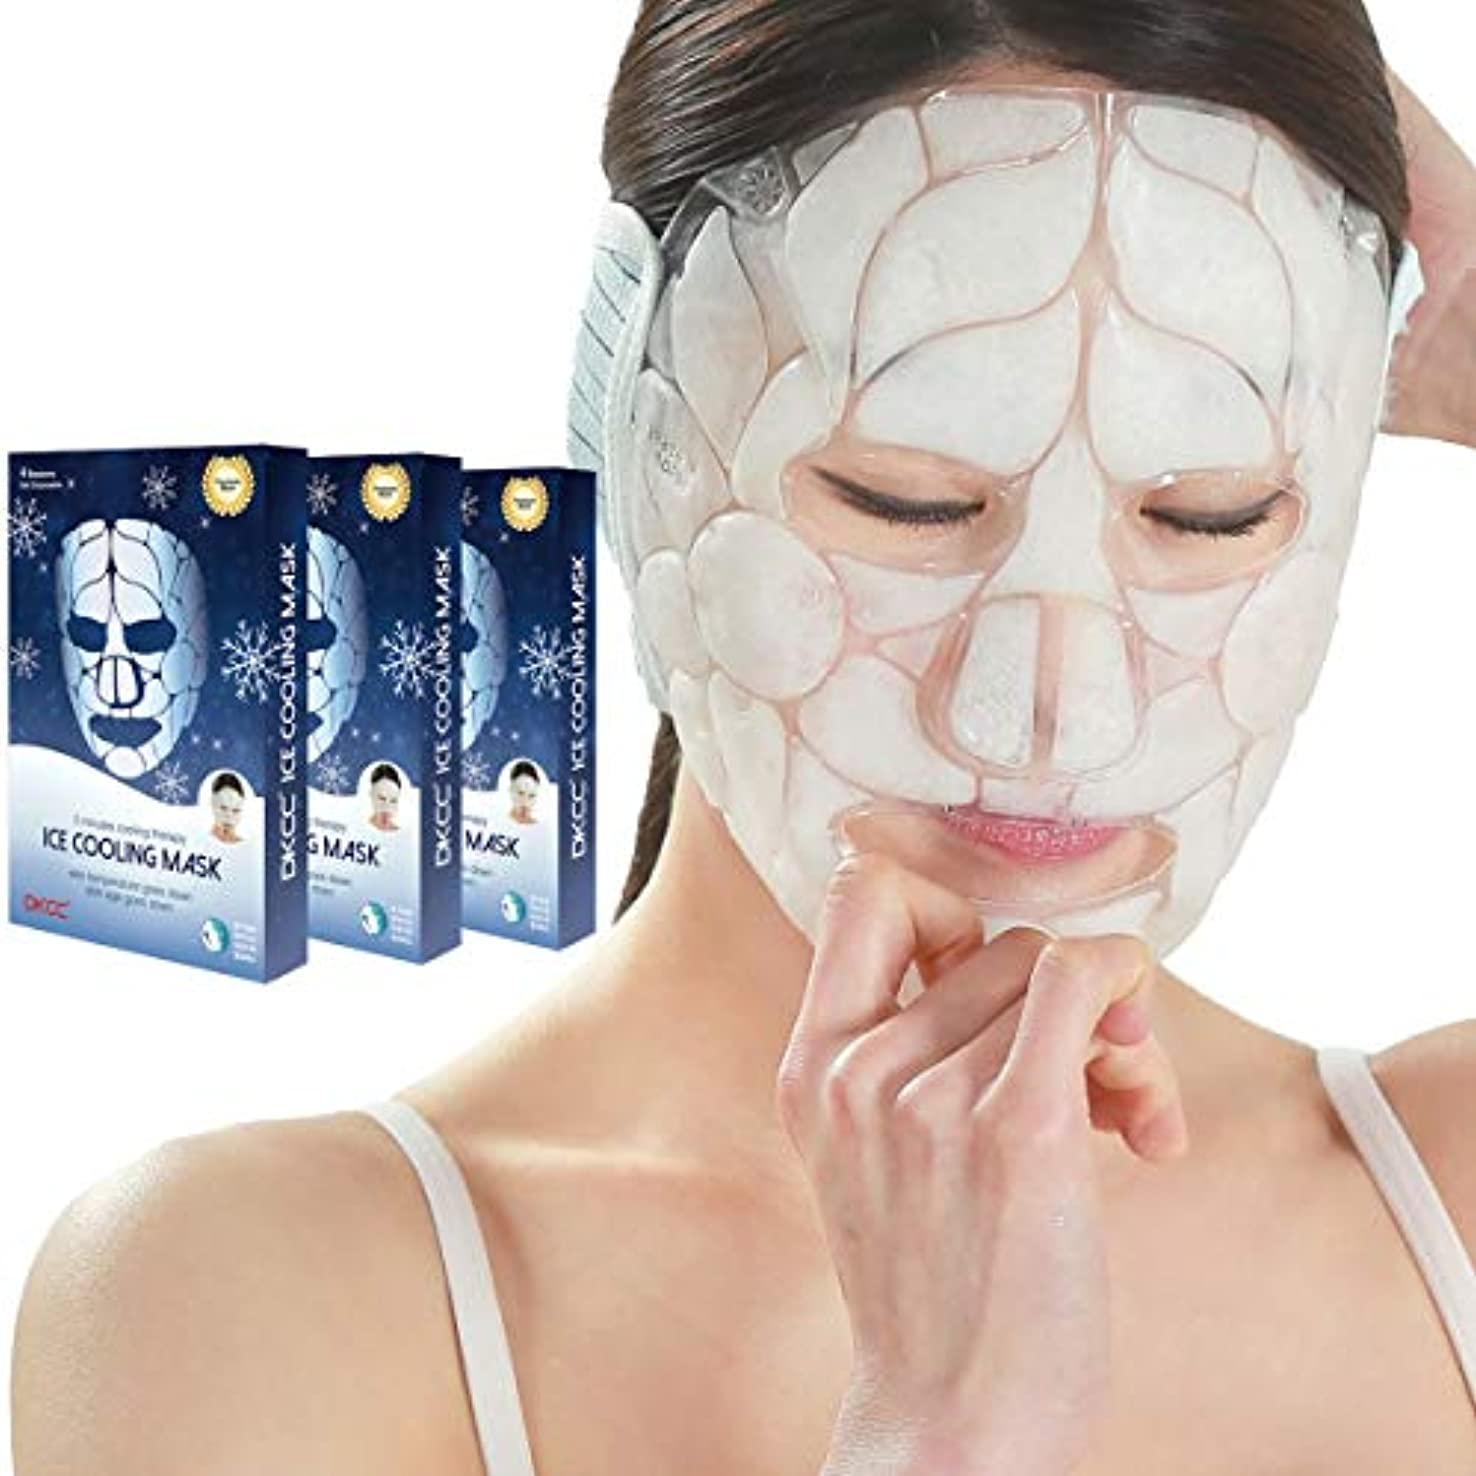 メナジェリーオーバーコートさわやかDKCC アイスクーリングマスク